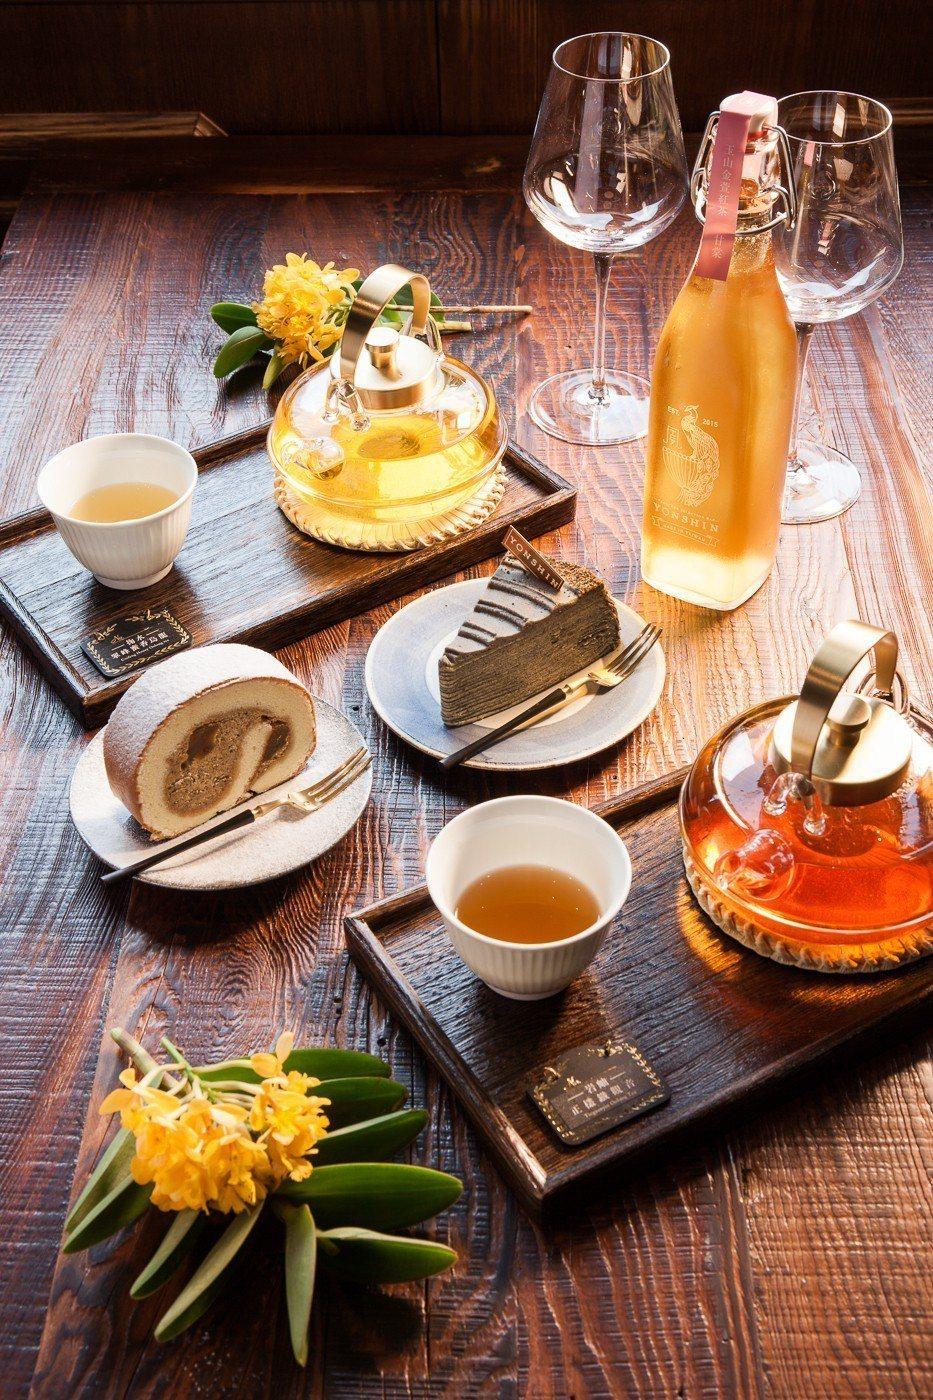 新光南西店限定甜點與茶品。圖/永心鳳茶提供